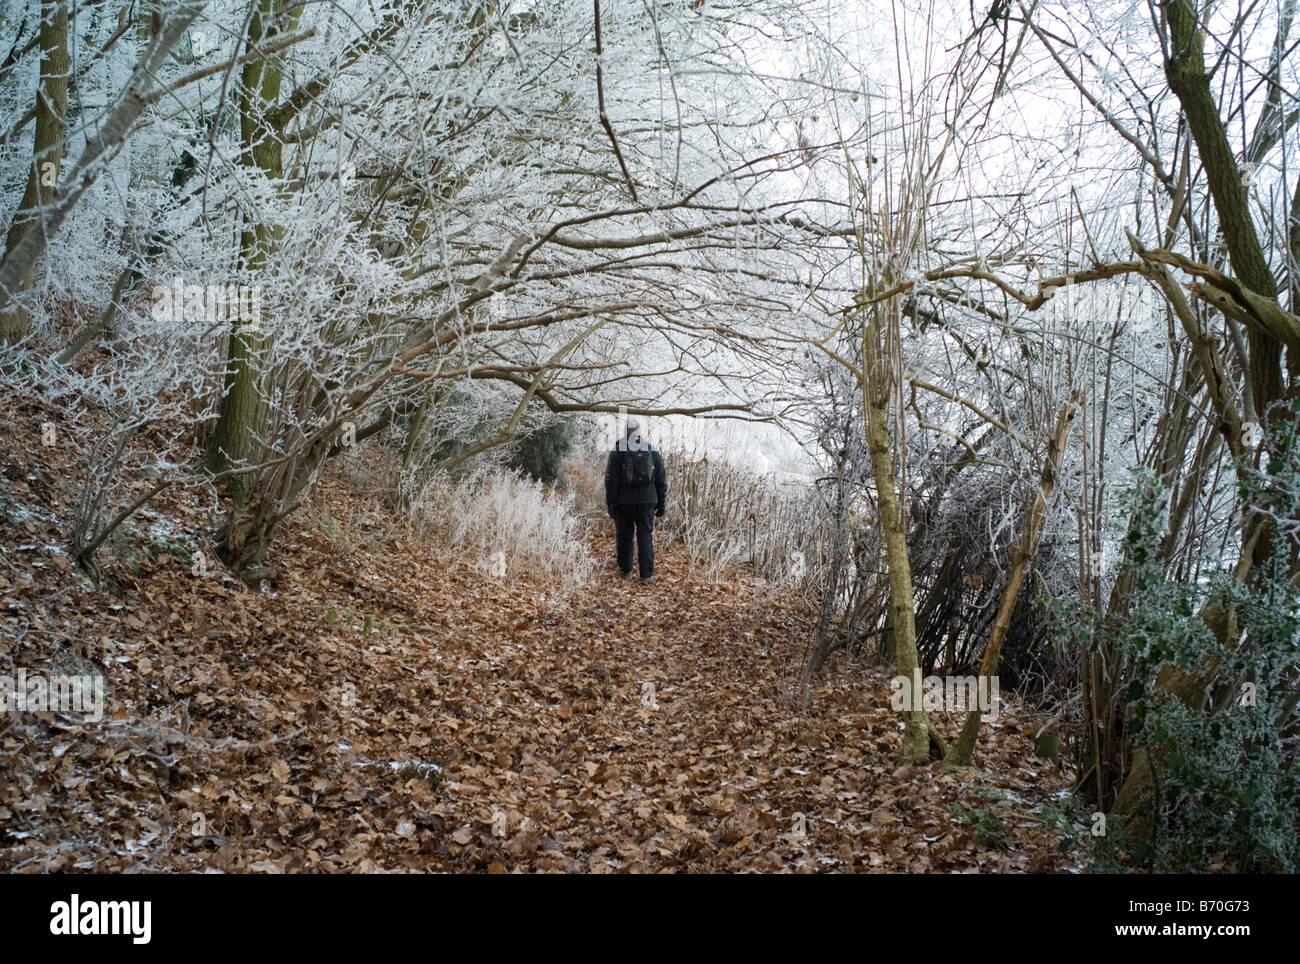 Figura solitaria nel bosco invernale, REGNO UNITO Immagini Stock